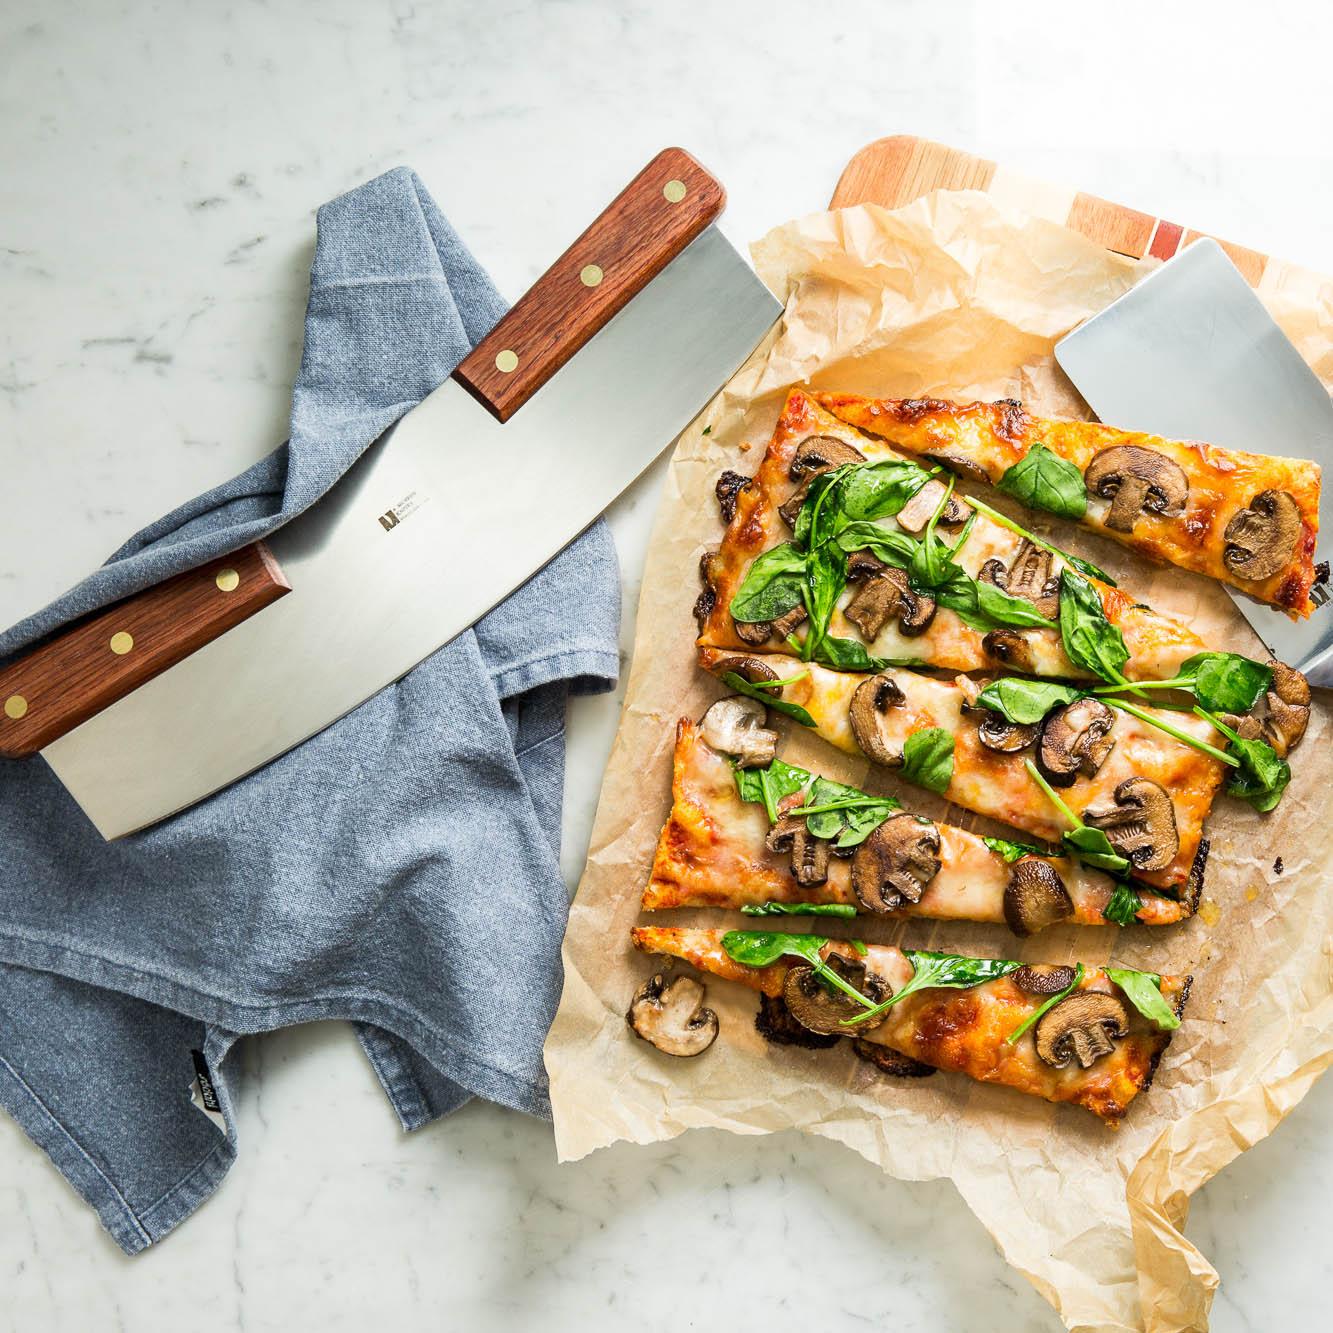 PizzaRockersquare